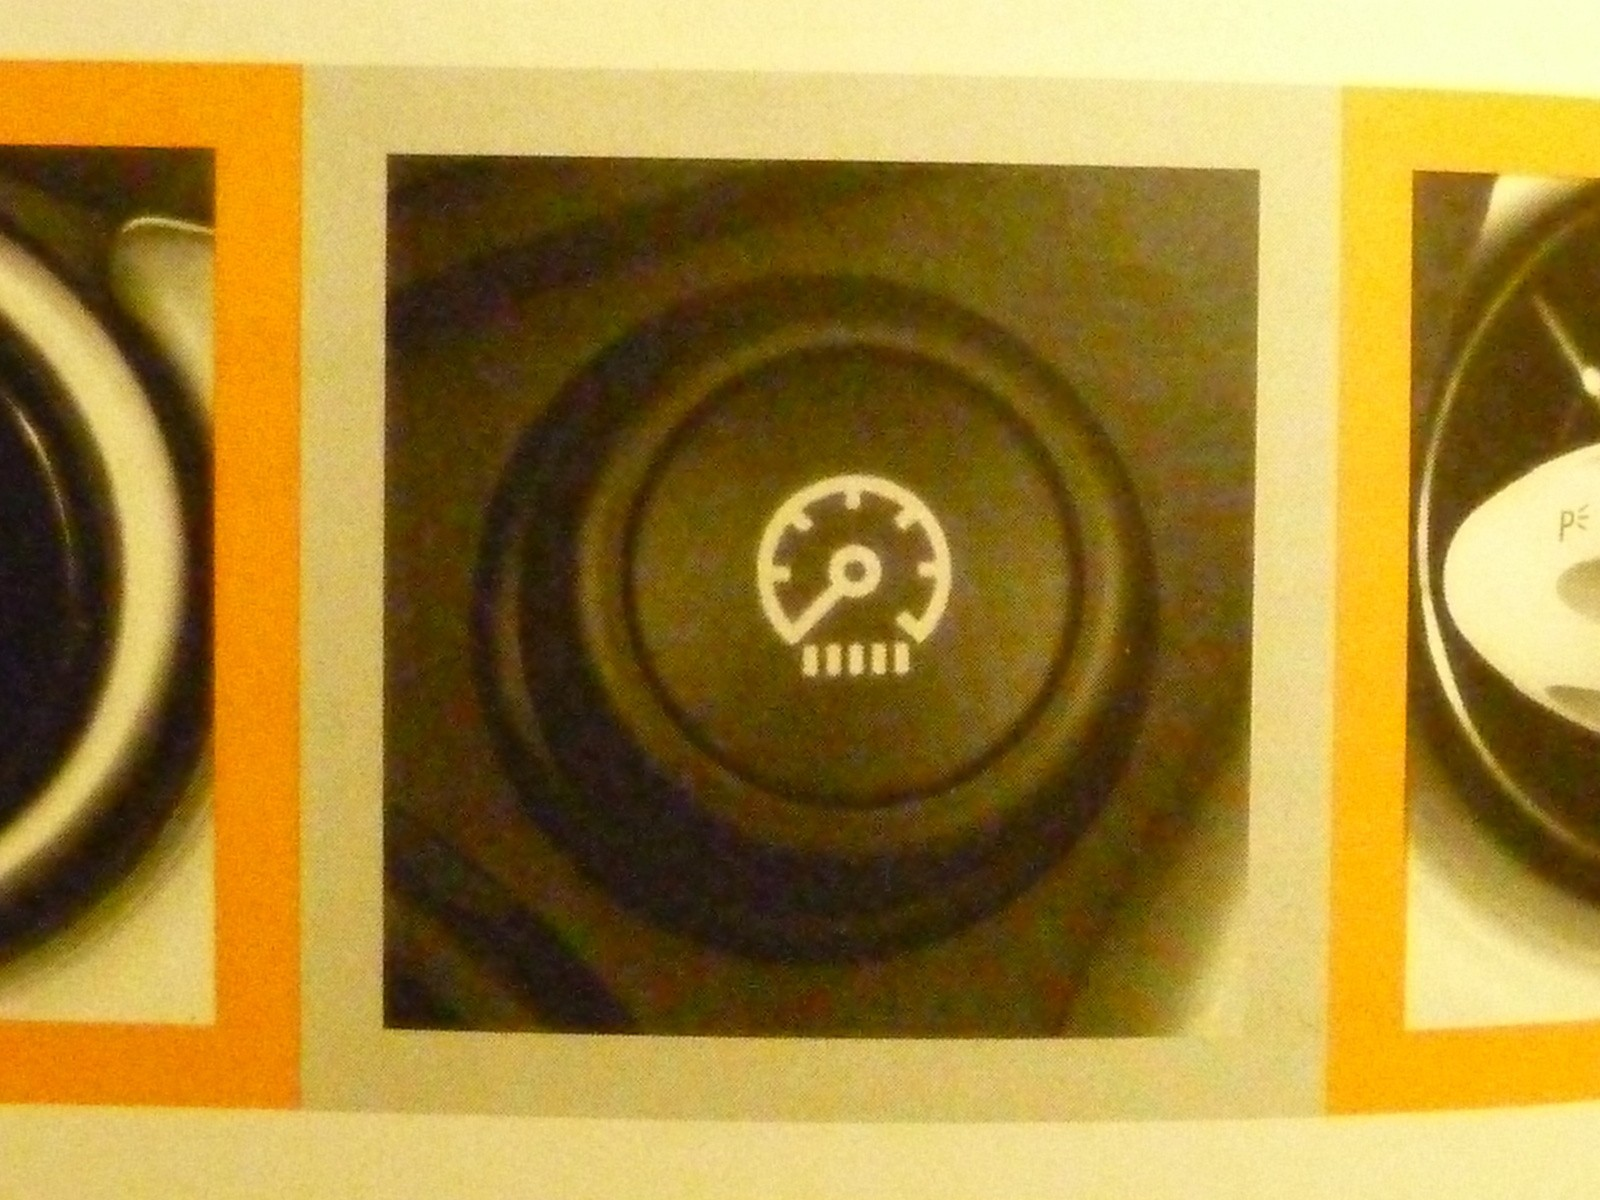 2002 Mini Cooper Engine Diagram Mini Cooper Questions Mystery button On Mini 2006 Dash Cargurus Of 2002 Mini Cooper Engine Diagram